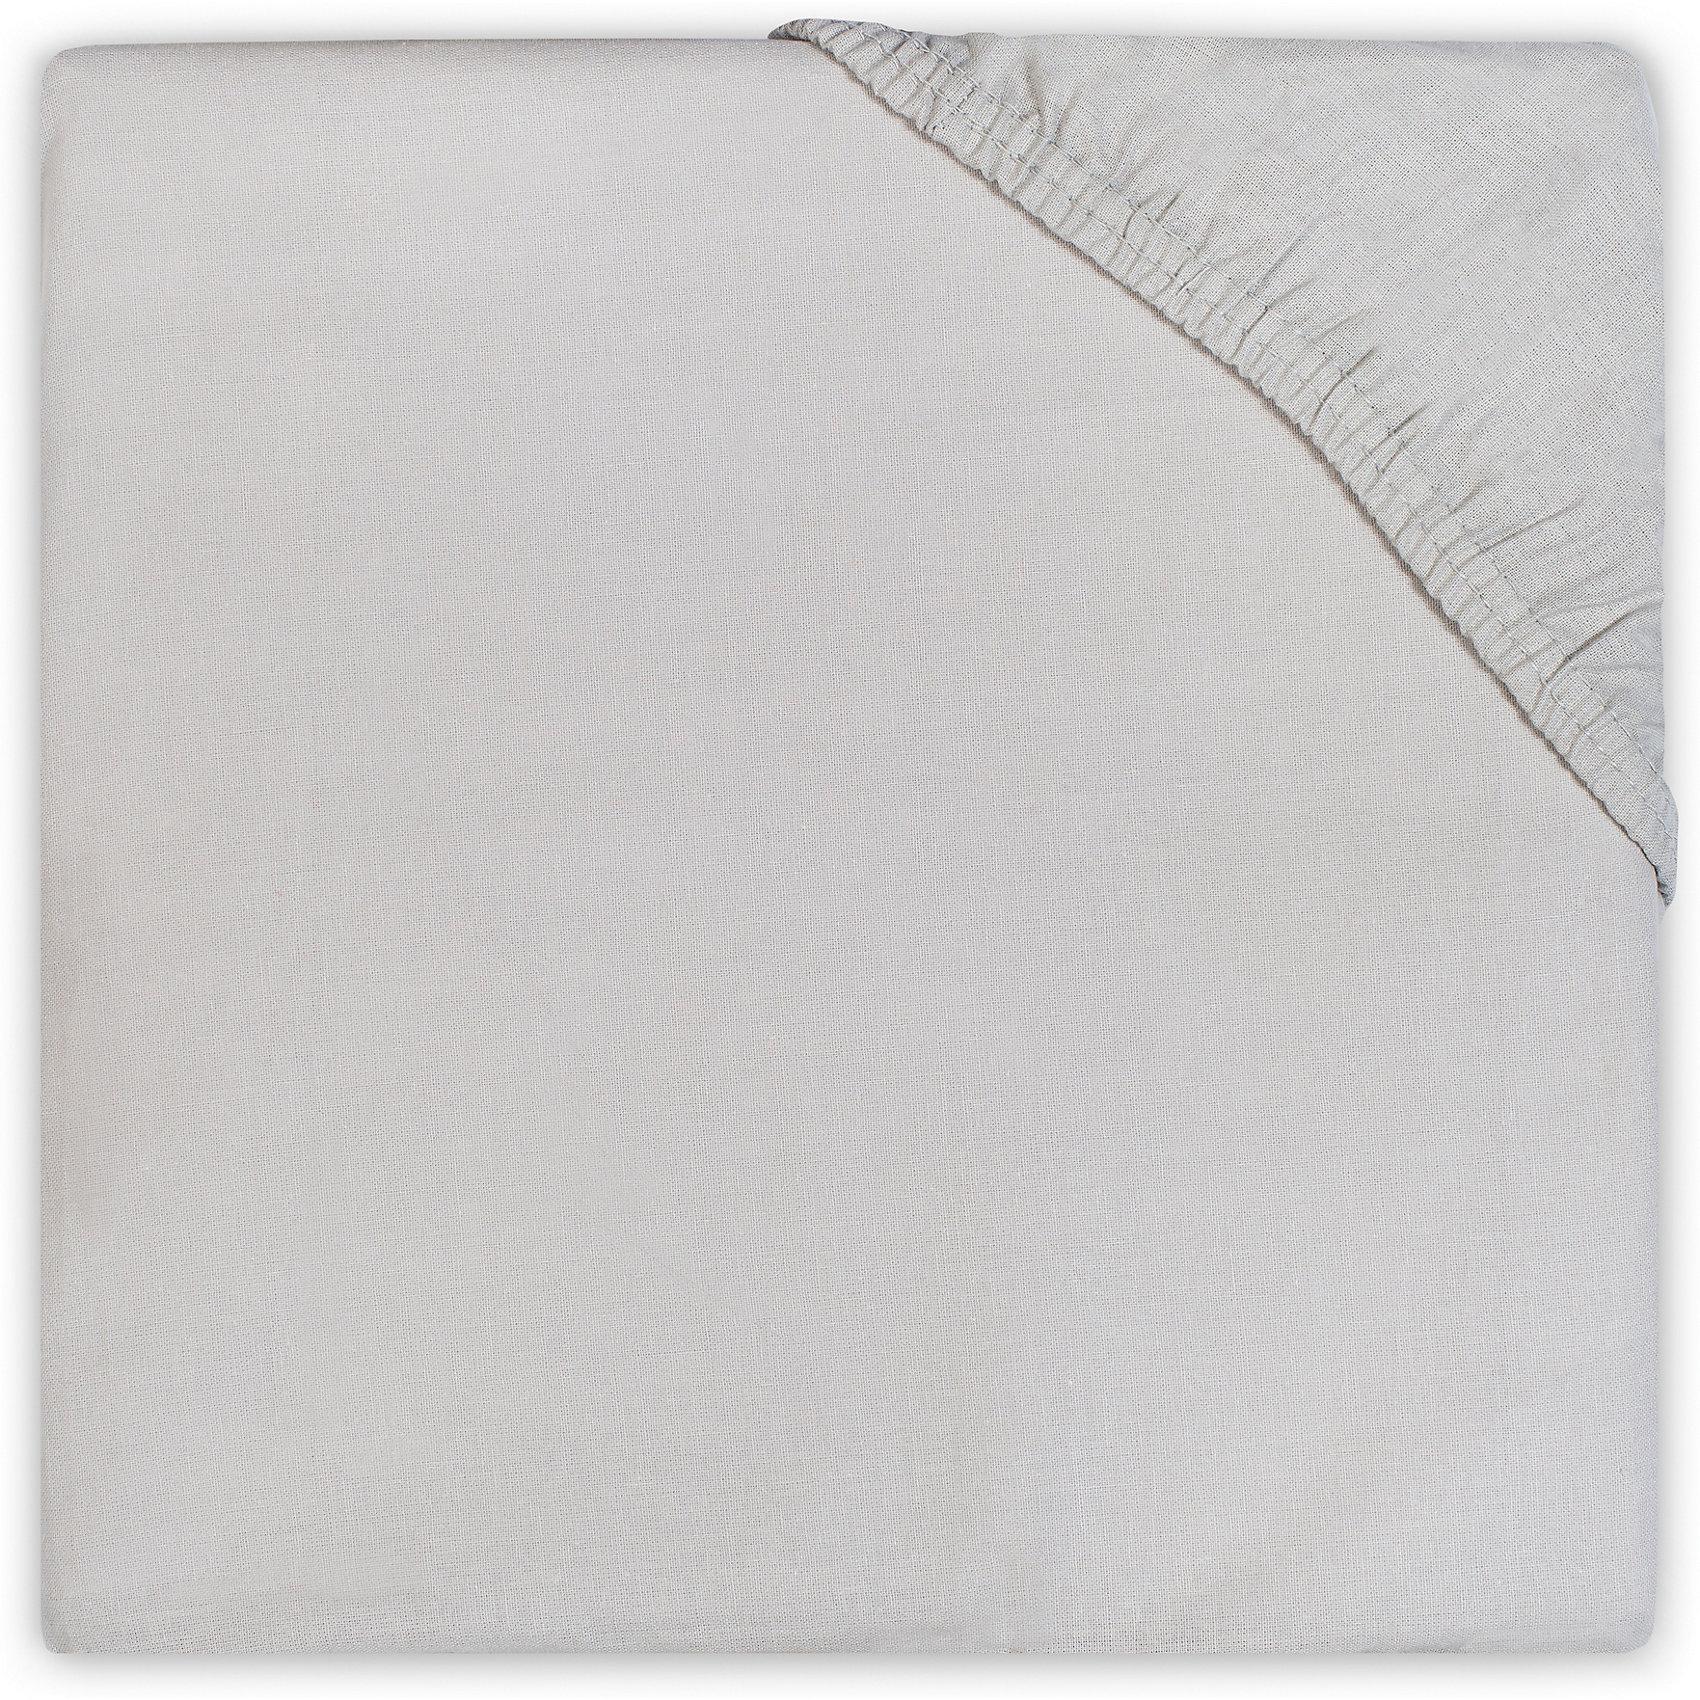 Простыня на резинке 60х120 см, Jollein, Light greyПостельное бельё<br>Характеристики:<br><br>• Вид детского текстиля: простыня на резинке<br>• Пол: универсальный<br>• Цвет: светло серый<br>• Тематика рисунка: без рисунка<br>• Материал: 100% хлопок <br>• Подходит для детских кроваток стандартного размера<br>• Размер: 60*120 см<br>• Вес: 200 г<br>• Особенности ухода: машинная или ручная стирка при температуре не более 60 градусов<br><br>Простыня на резинке 60х120 см, Jollein, Light grey от торговой марки Жолляйн, которая является признанным лидером среди аналогичных брендов, выпускающих детское постельное белье и текстиль для новорожденных. Продукция этого торгового бренда отличается высоким качеством и дизайнерским стилем. <br><br>Простыня выполнена из натурального хлопка, который обладает высокими гигиеническими и гигроскопическими свойствами. Легко стирается и быстро высыхает. Простыня на резинке плотно и хорошо садится на матрасик, что препятствует ее сбиванию и образованию складок, даже если ребенок спит неспокойно. <br><br>Простынь выполнена в однотонном цвете, поэтому она подойдет к любому комплекту постельного белья. Простыня на резинке 60х120 см, Jollein, Light grey – это стиль и качество для сладких сновидений вашего малыша!<br><br>Простыню на резинке 60х120 см, Jollein, Light grey можно купить в нашем интернет-магазине.<br><br>Ширина мм: 200<br>Глубина мм: 240<br>Высота мм: 30<br>Вес г: 272<br>Возраст от месяцев: 0<br>Возраст до месяцев: 36<br>Пол: Унисекс<br>Возраст: Детский<br>SKU: 5367123